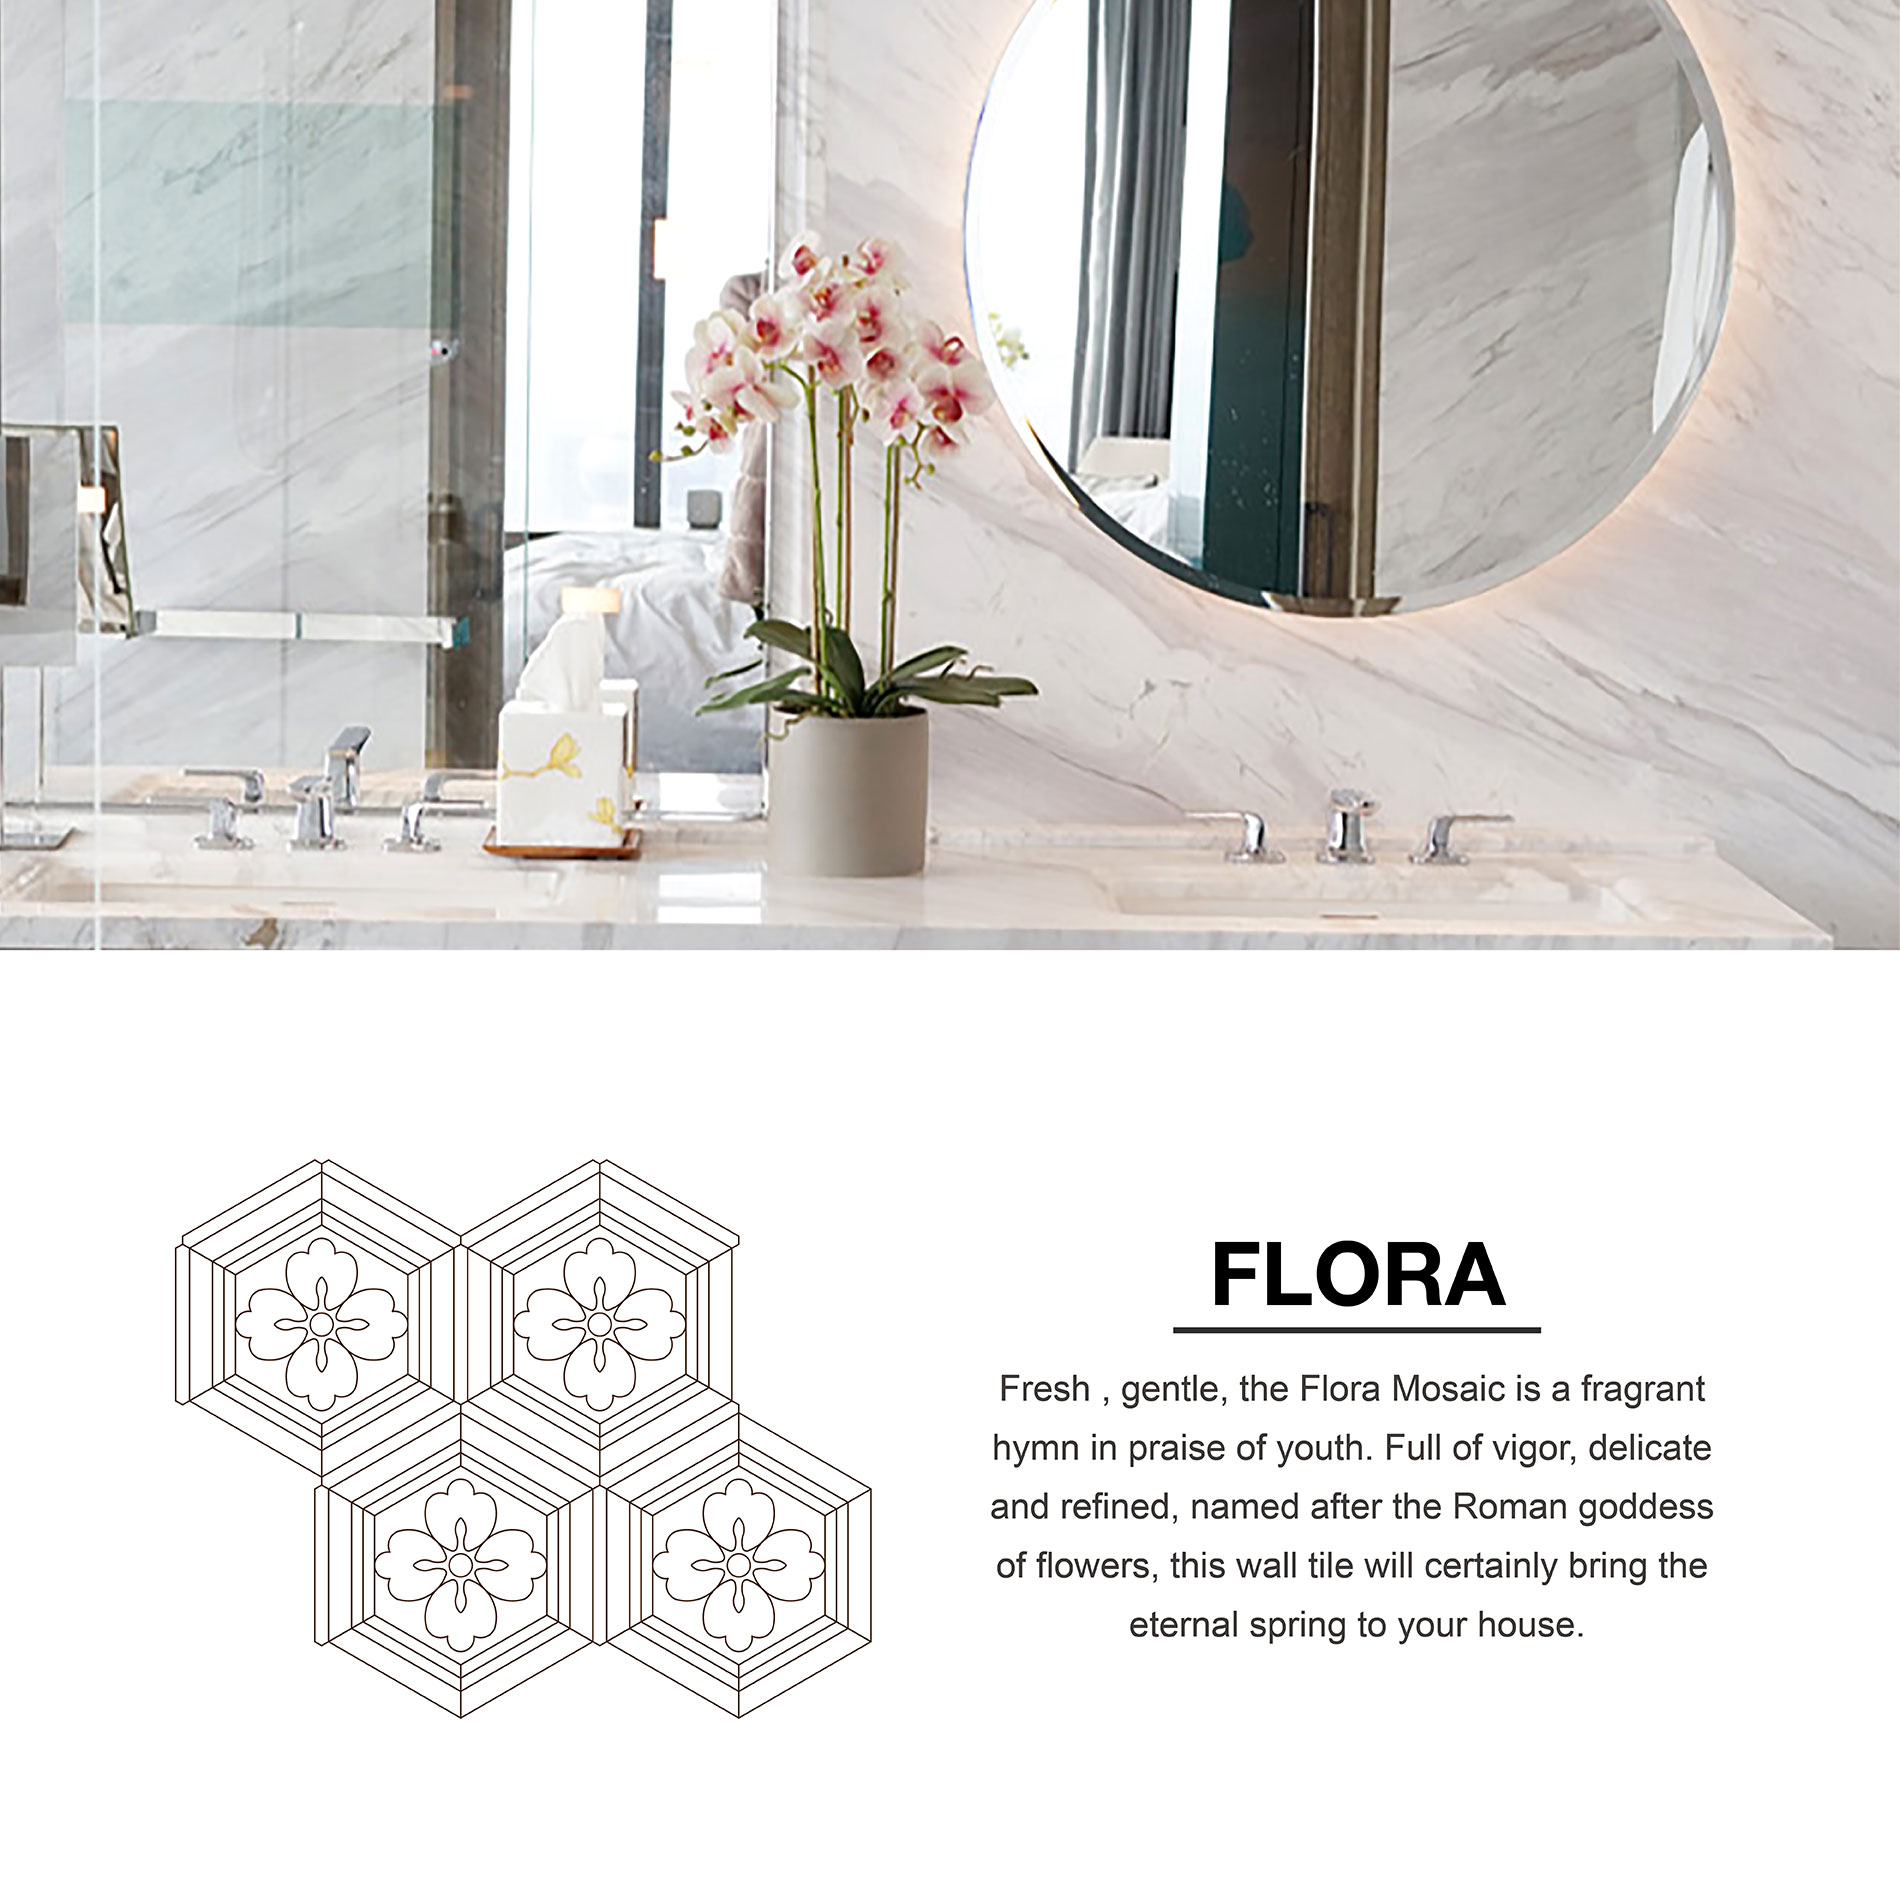 centurymosaic-Flora-Water-Jet-Mosaic-Tile-design